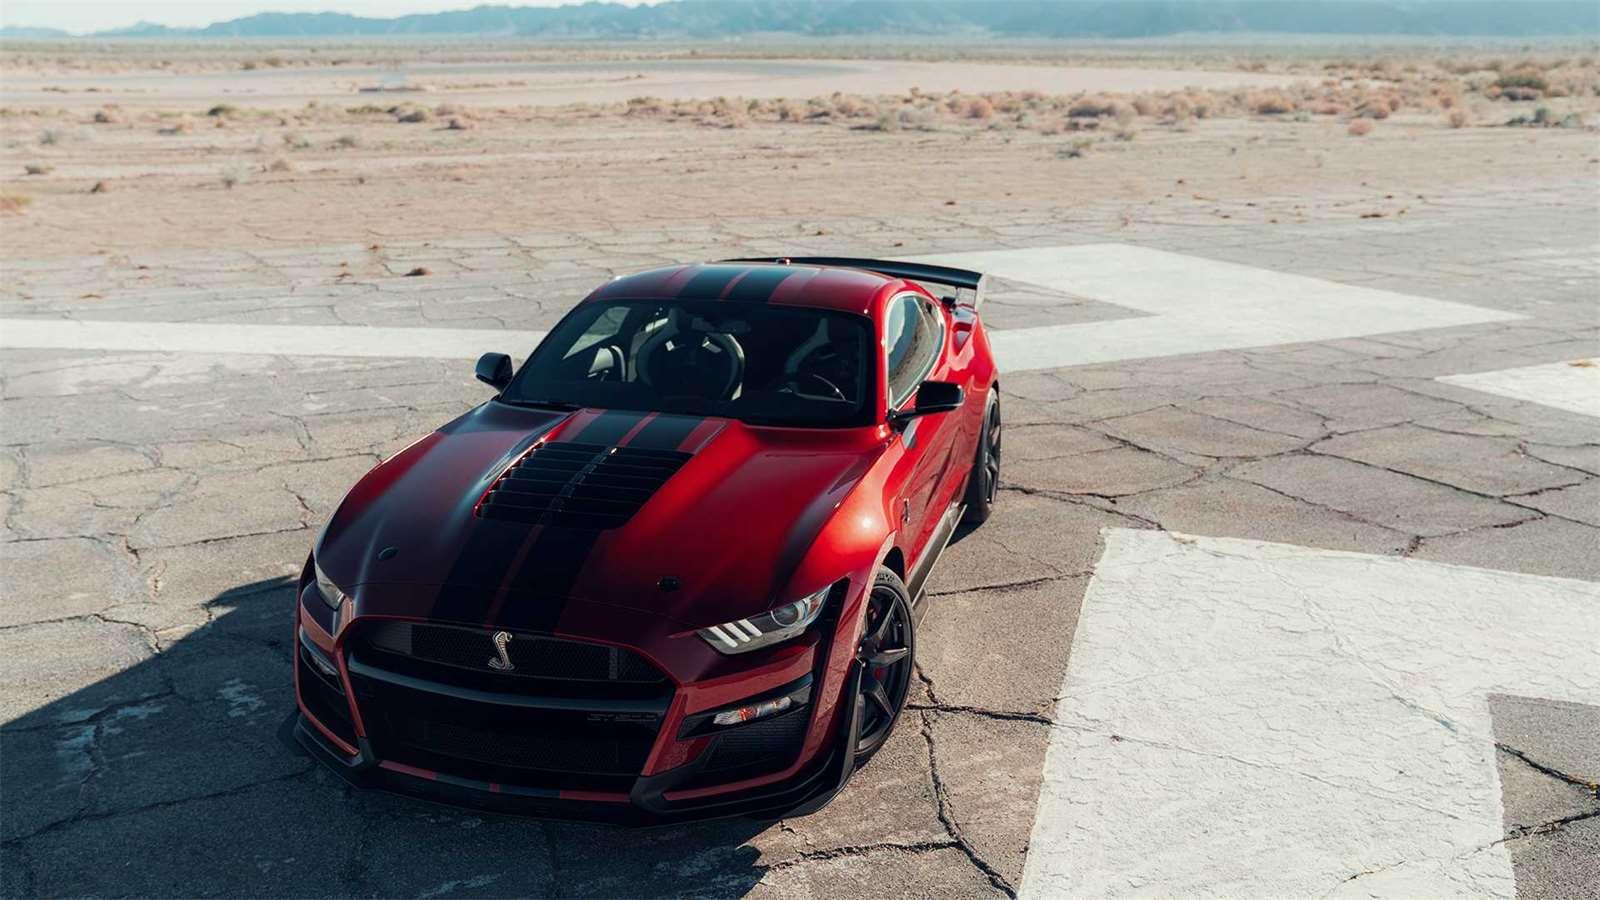 Galerie - Co mají společného Ford Mustang Shelby GT500 a Chevrolet ... 9bcf2bb943